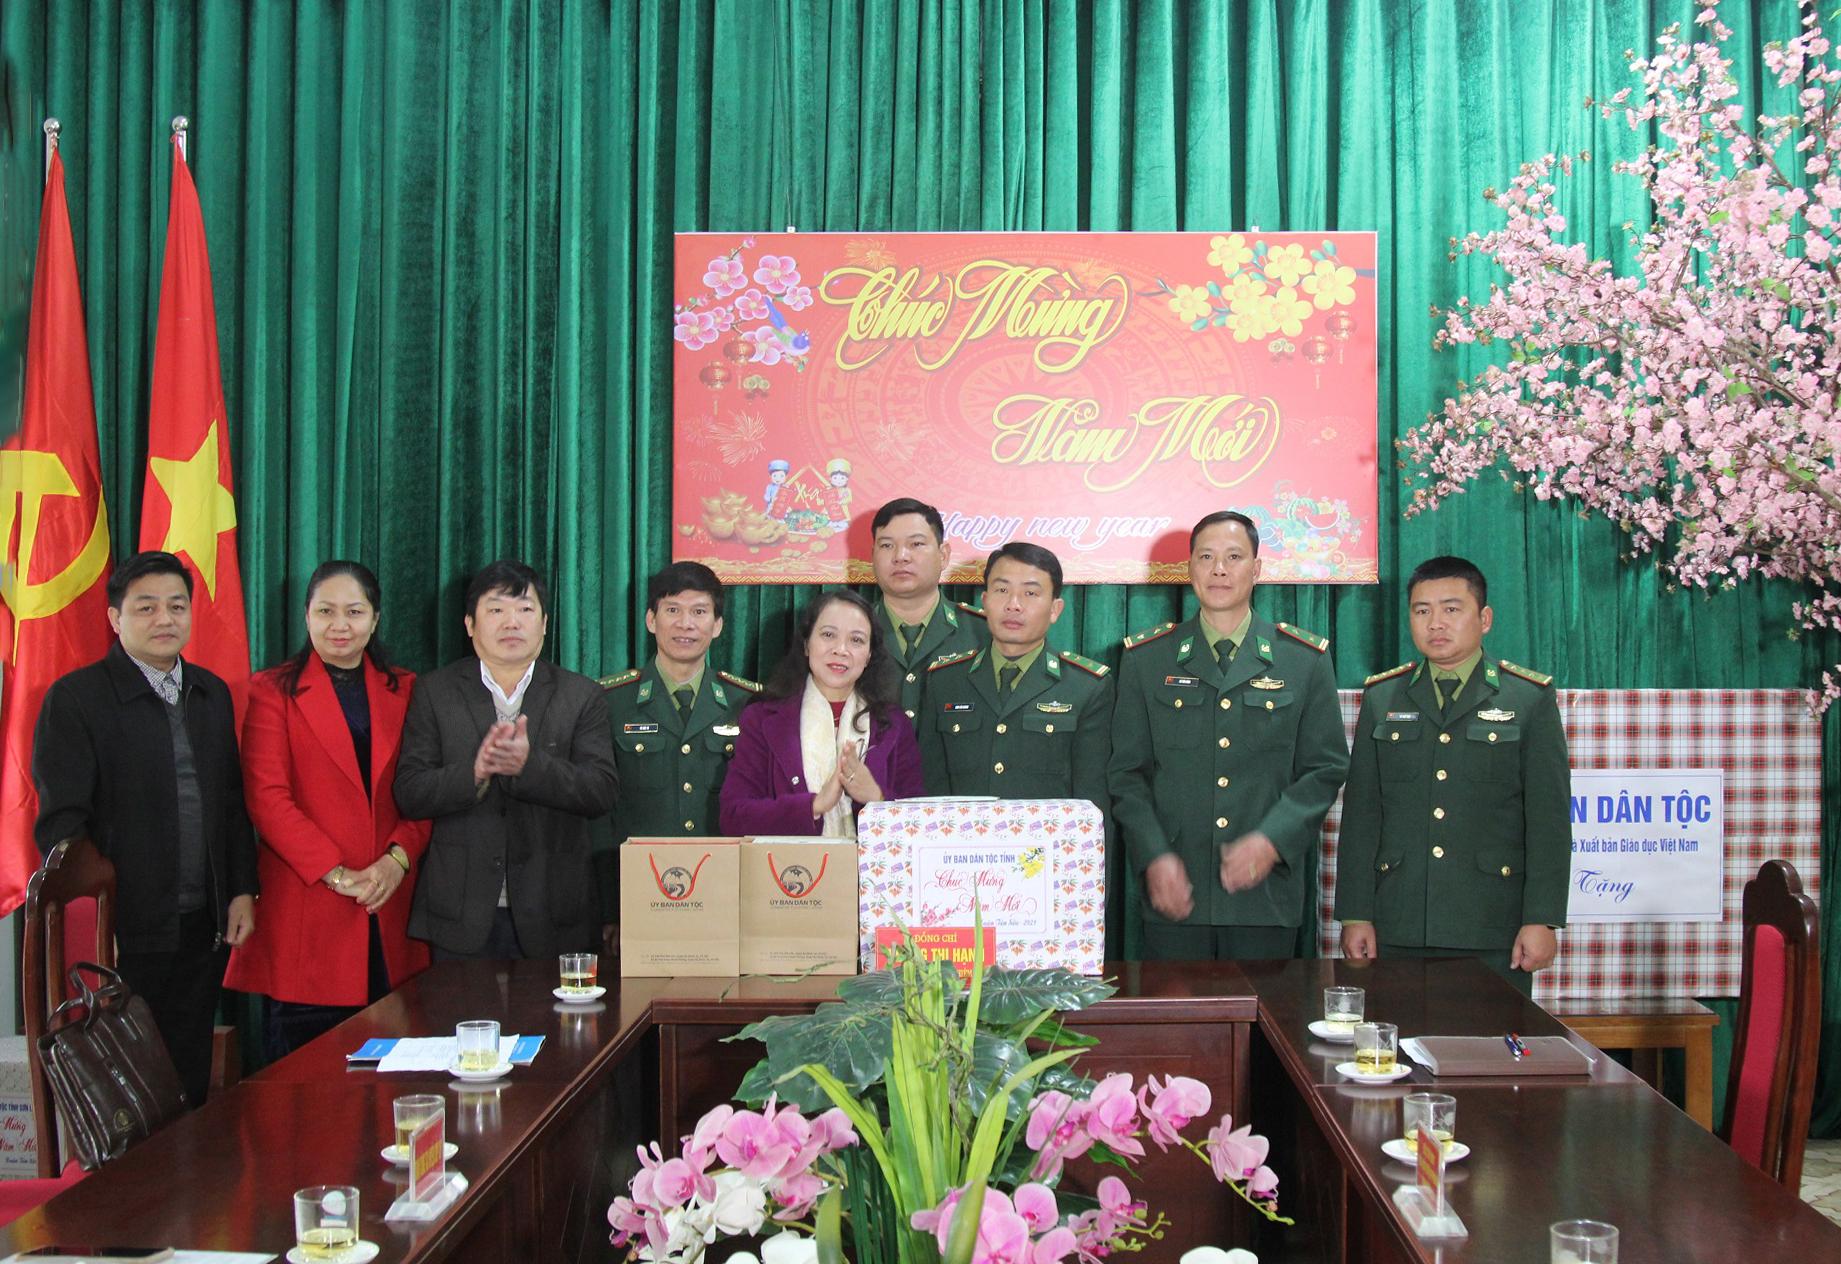 Thứ trưởng, Phó Chủ nhiệm Hoàng Thị Hạnh tặng quà Đồn Biên Phòng Nậm Lạnh